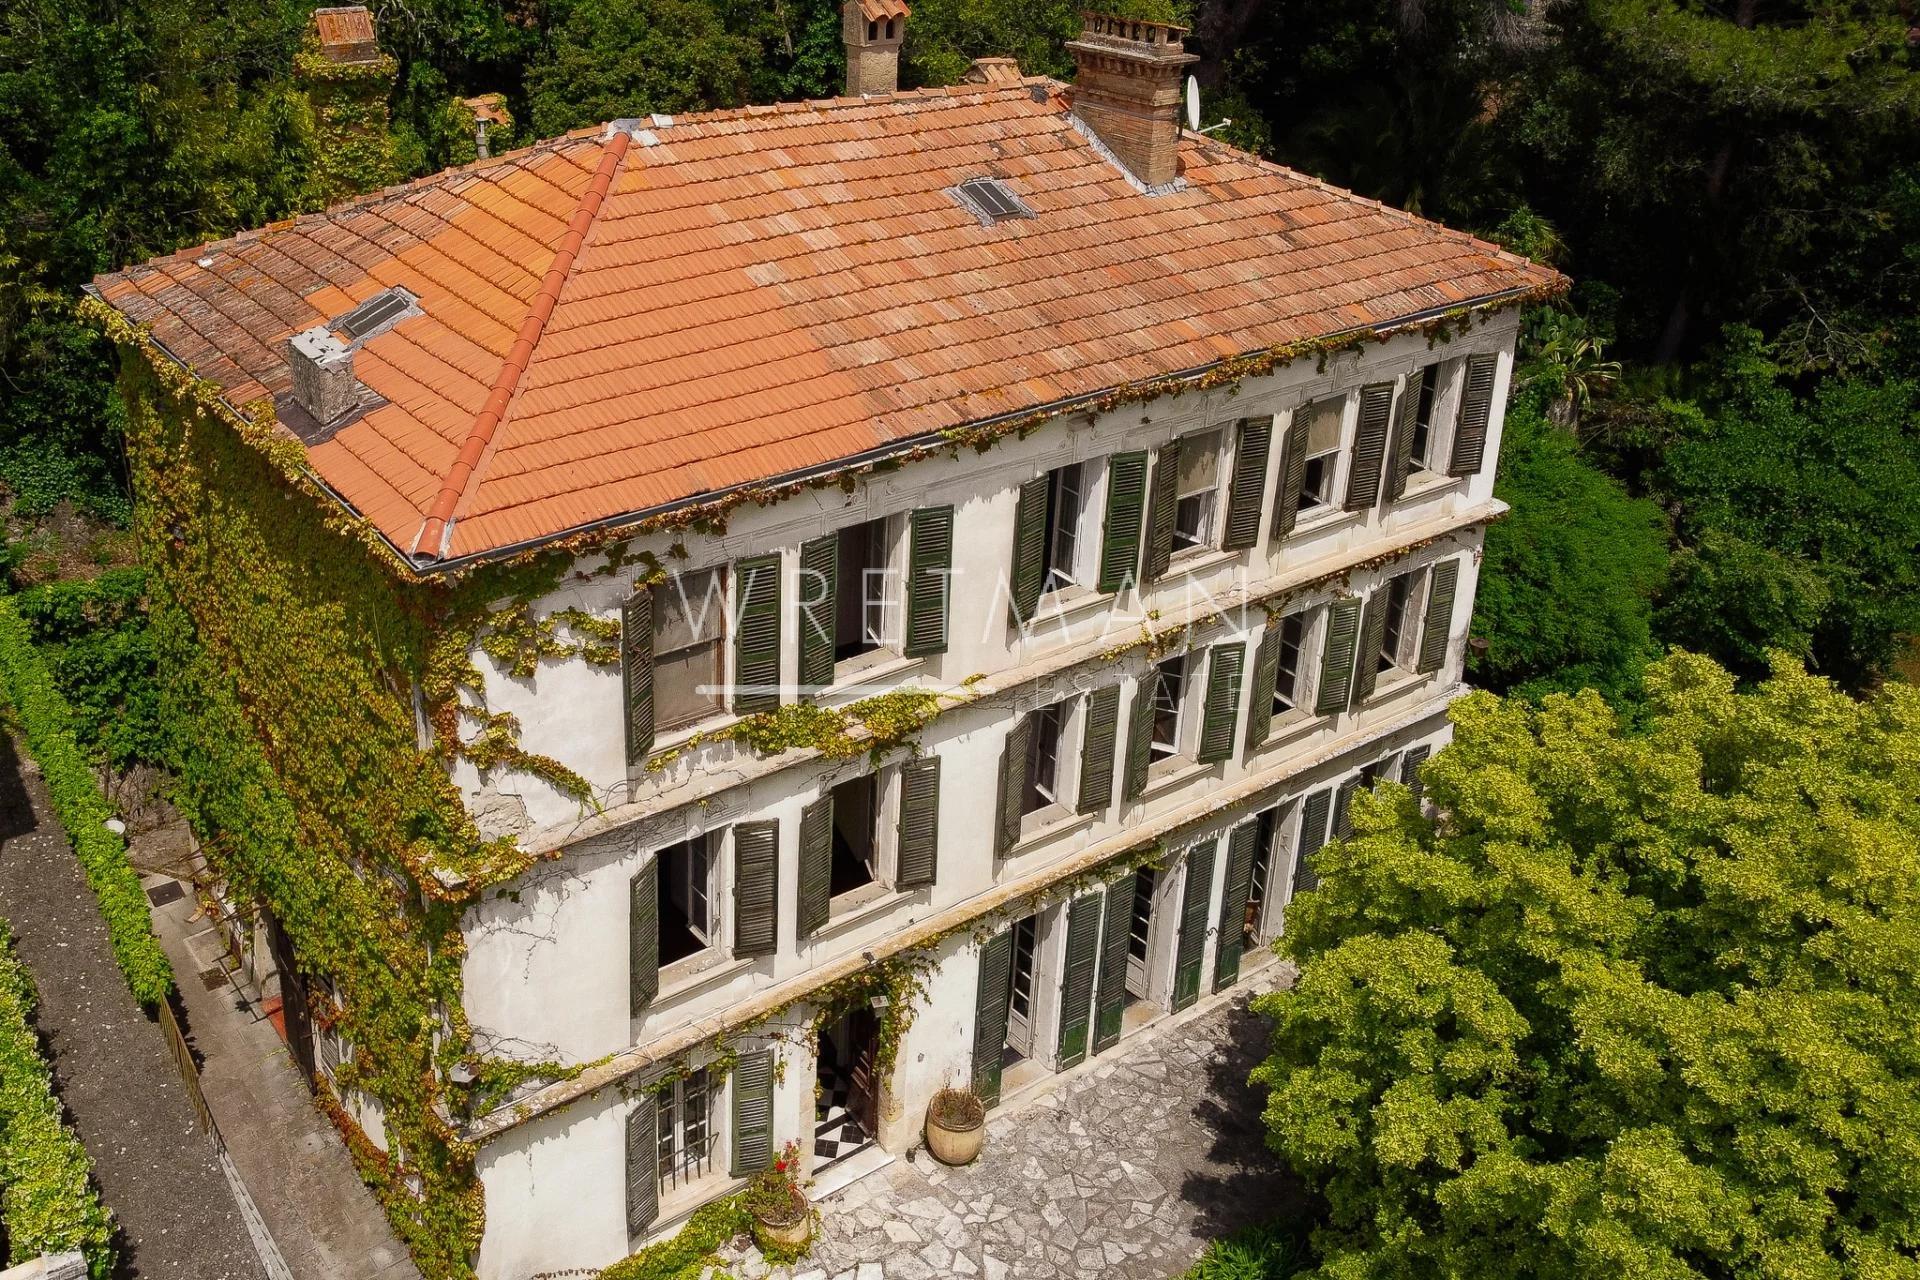 Unik Mas frân 1800 talet, att renovera - Grasse